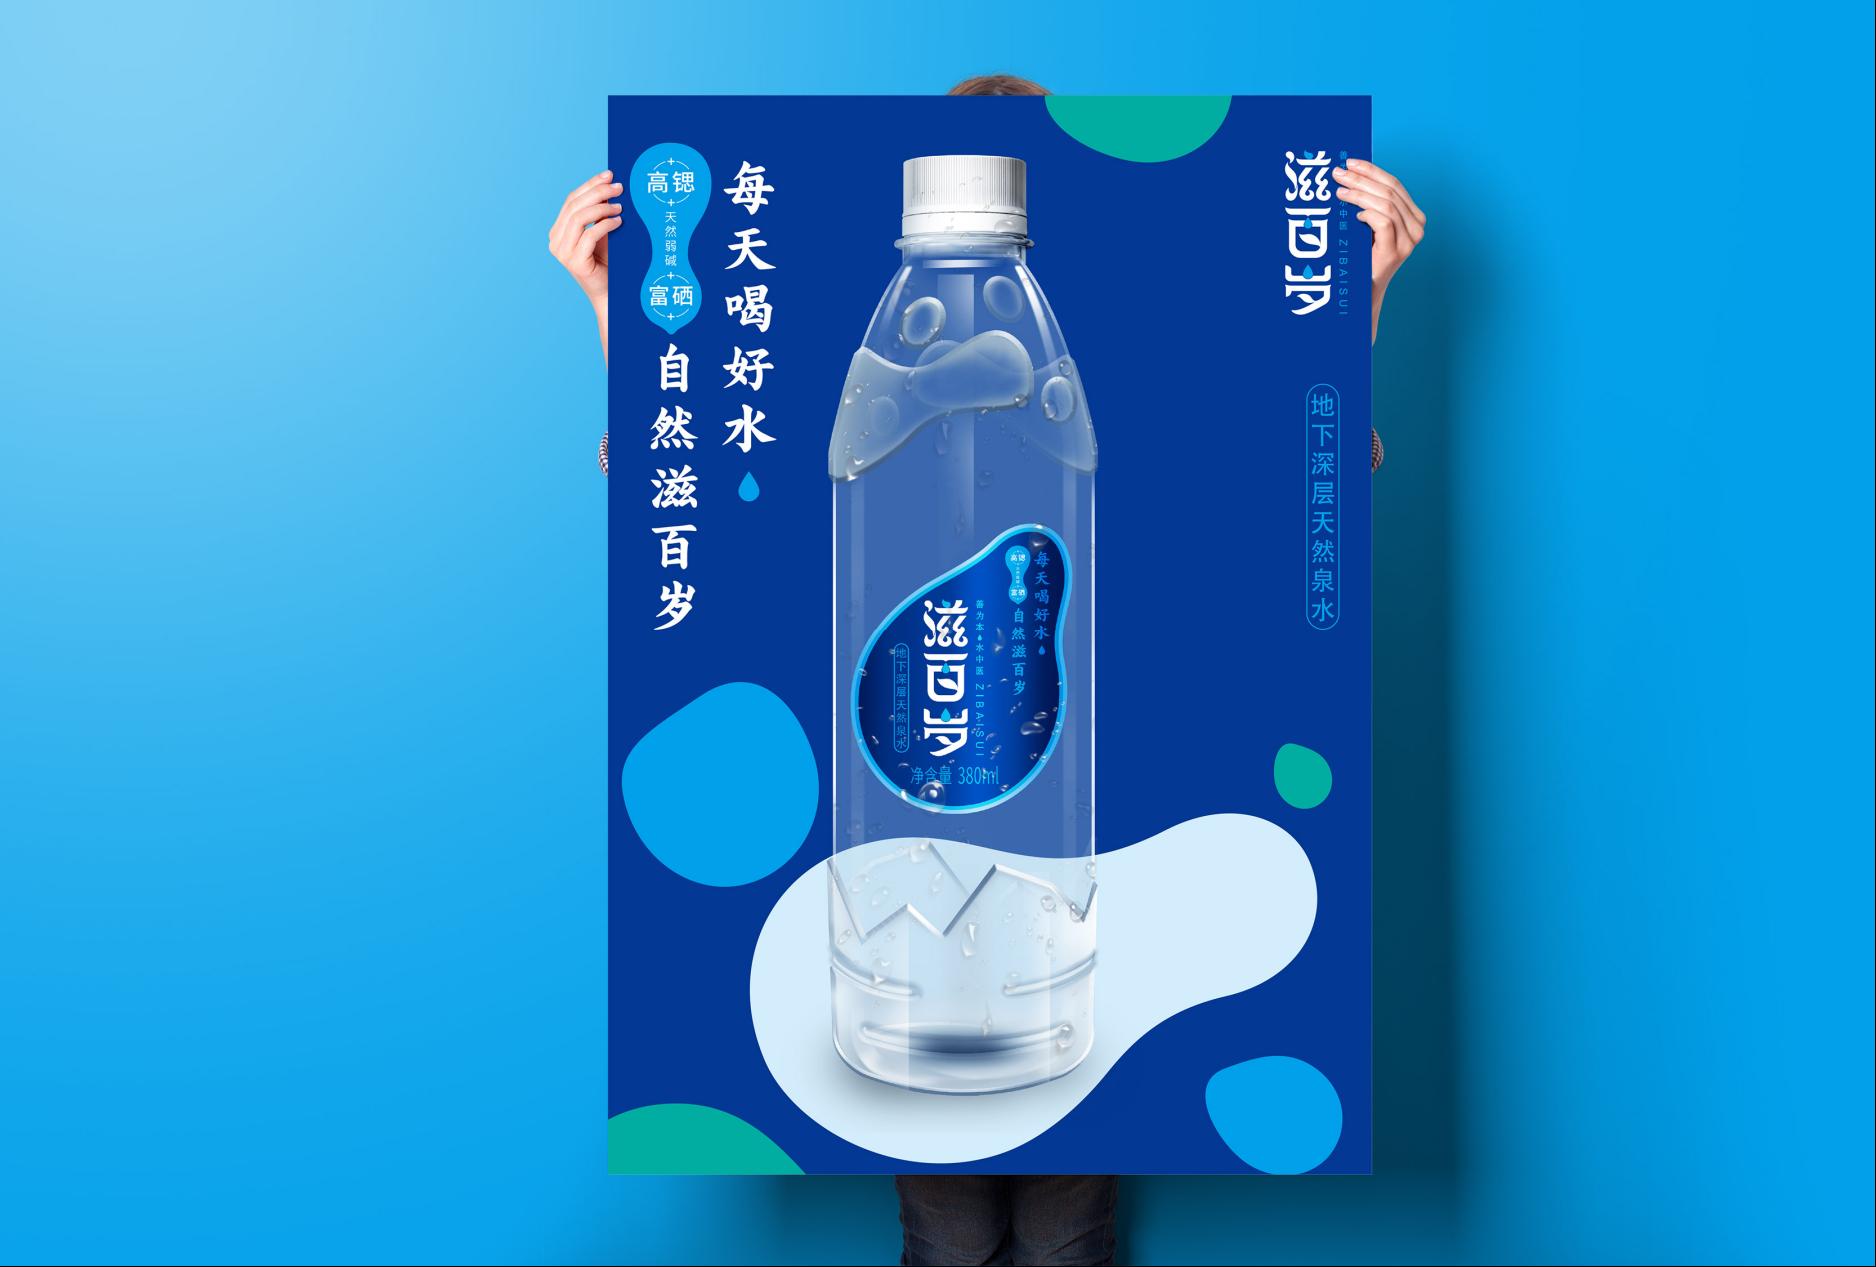 高端矿泉水品牌如何规划设计?以滋百岁矿泉水为例